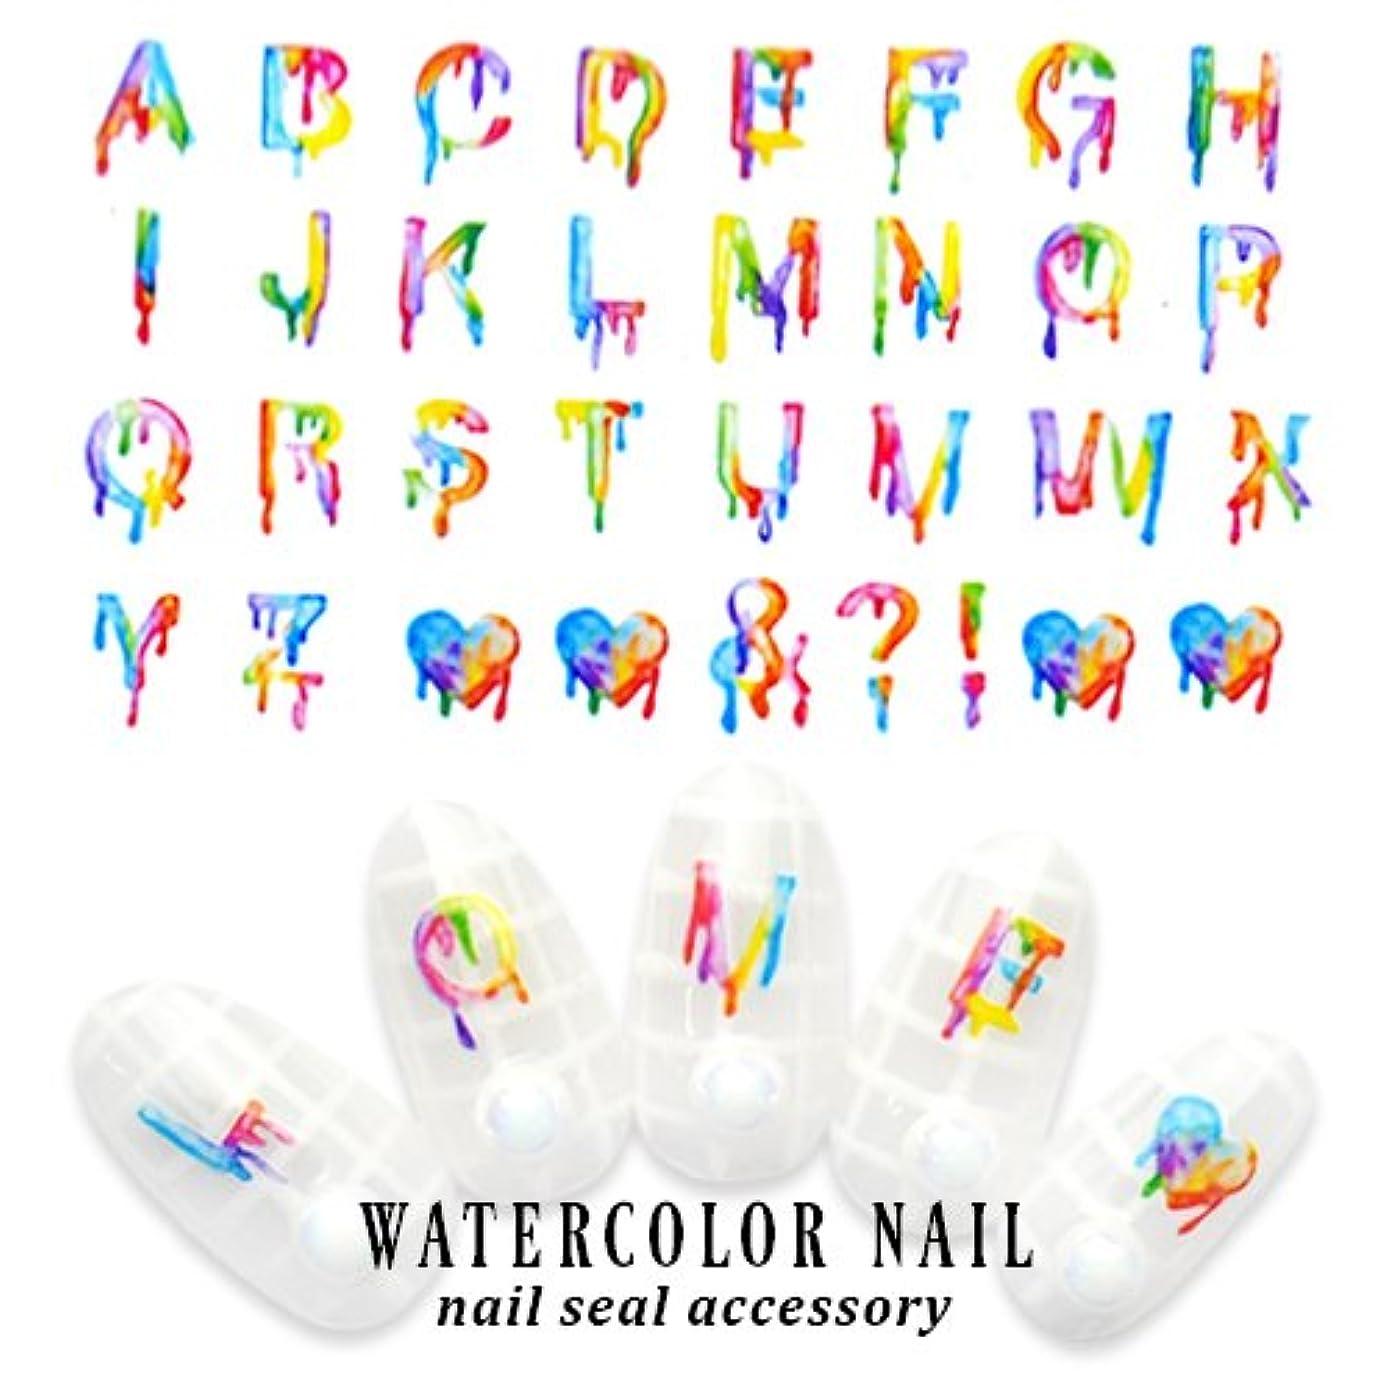 夏派手ネイルを楽しく簡単に!水彩アルファベット 文字系 ネイルシール [DS-223] ウォーターネイルシール サマーネイルアート ジェルネイル